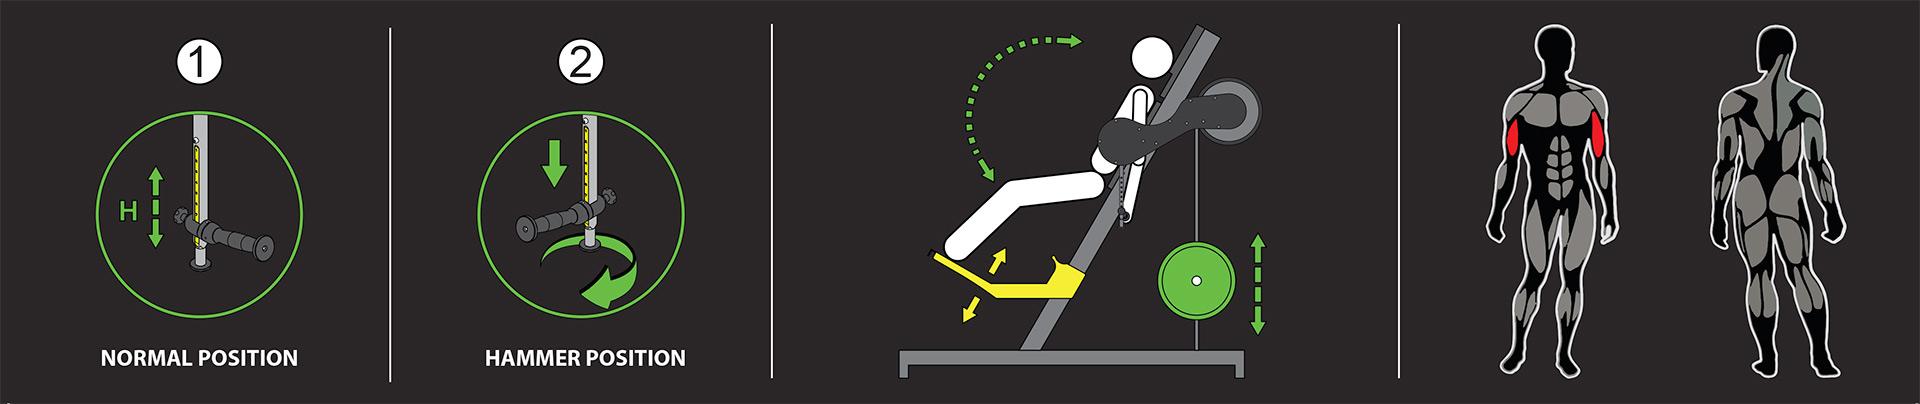 Bicipes-esercizio